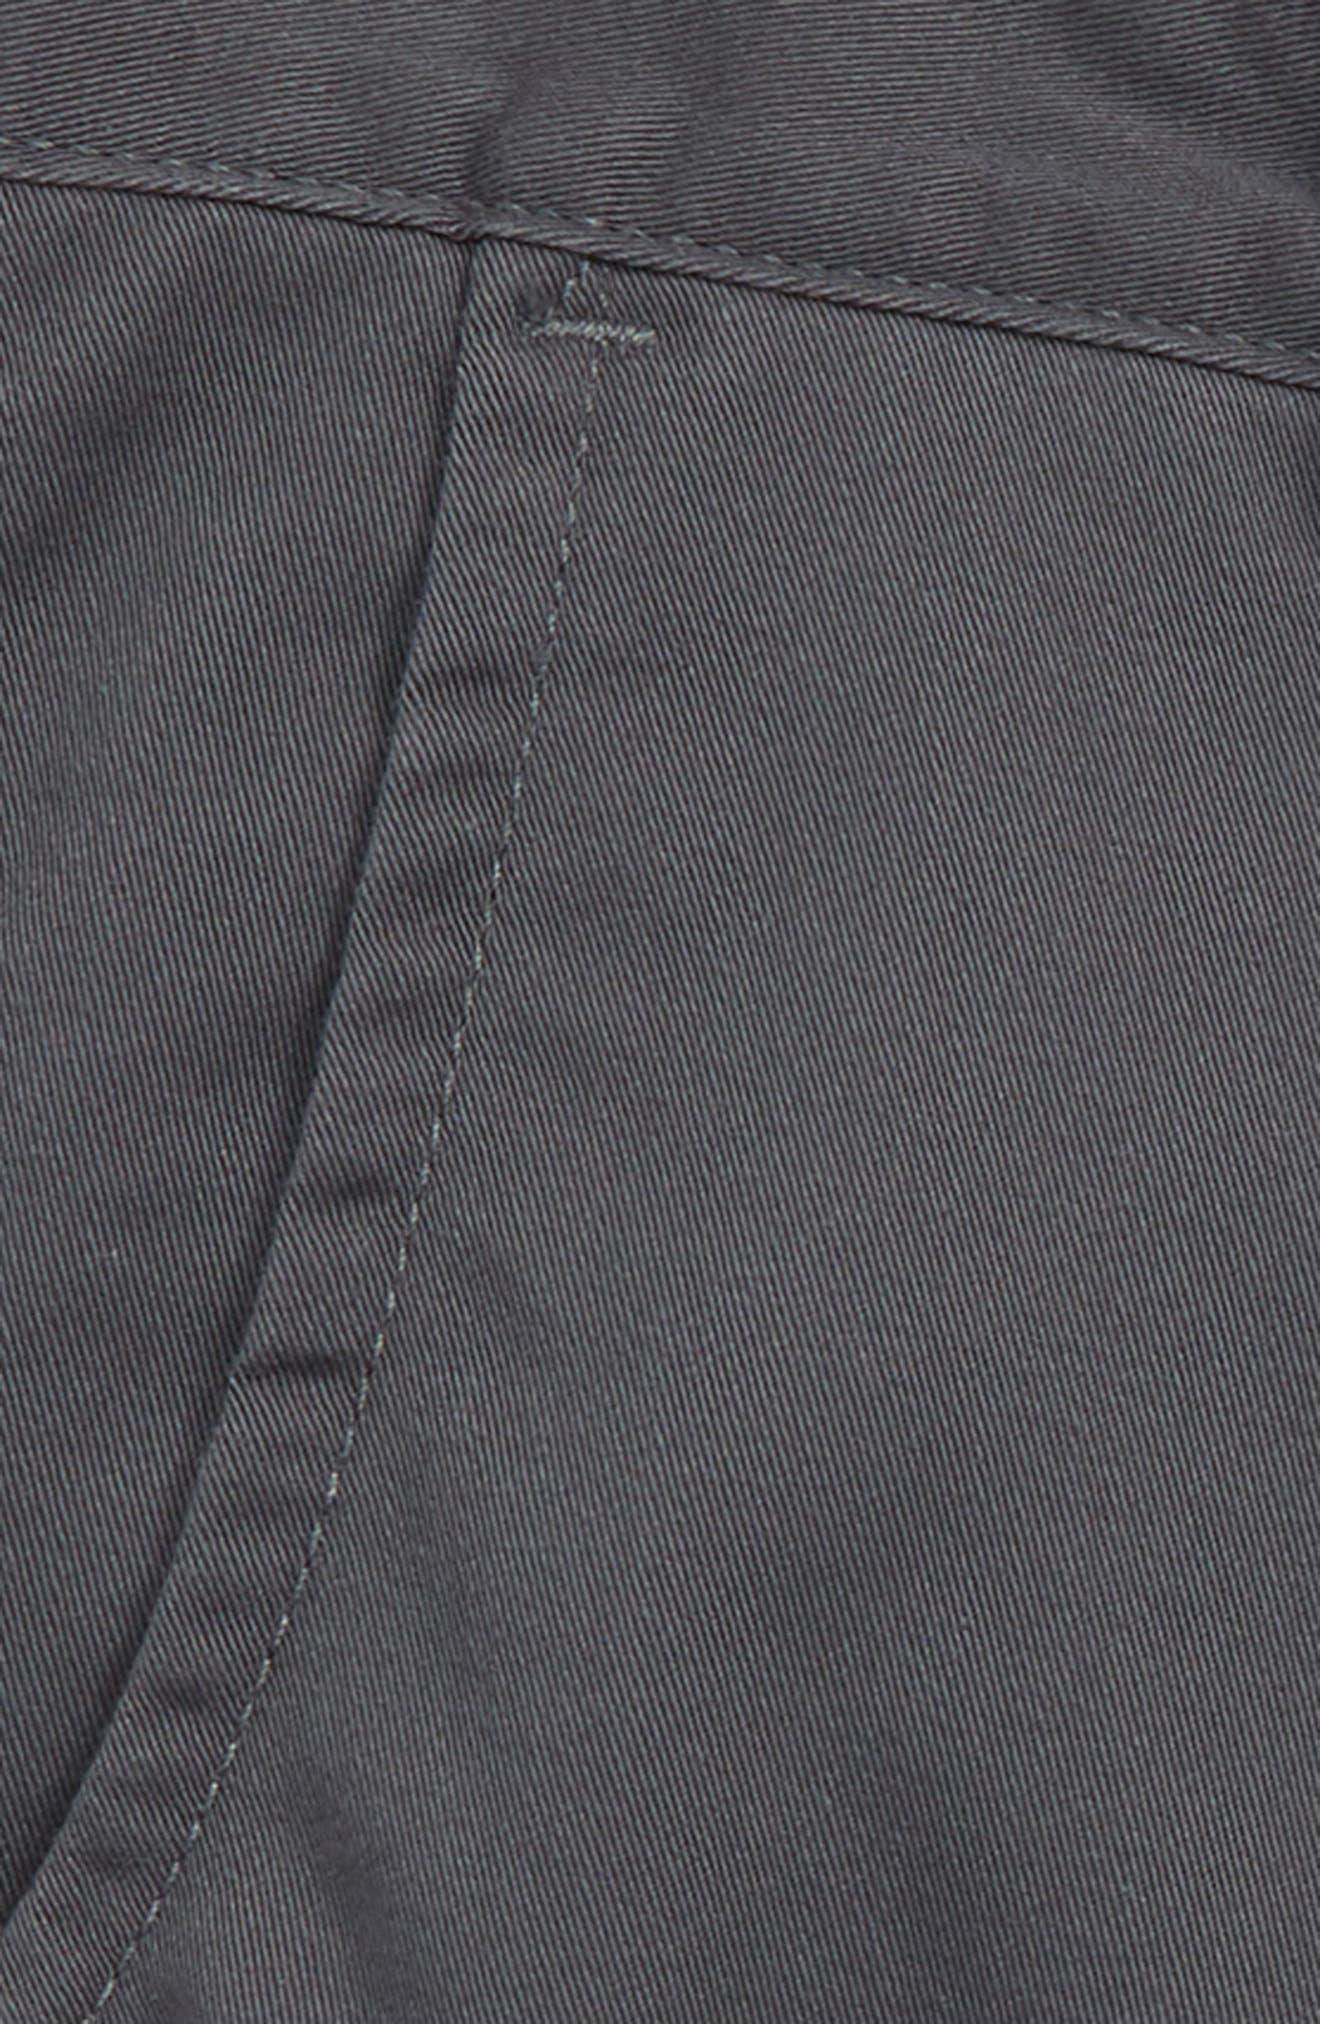 Authentic Walk Shorts,                             Alternate thumbnail 2, color,                             ASPHALT